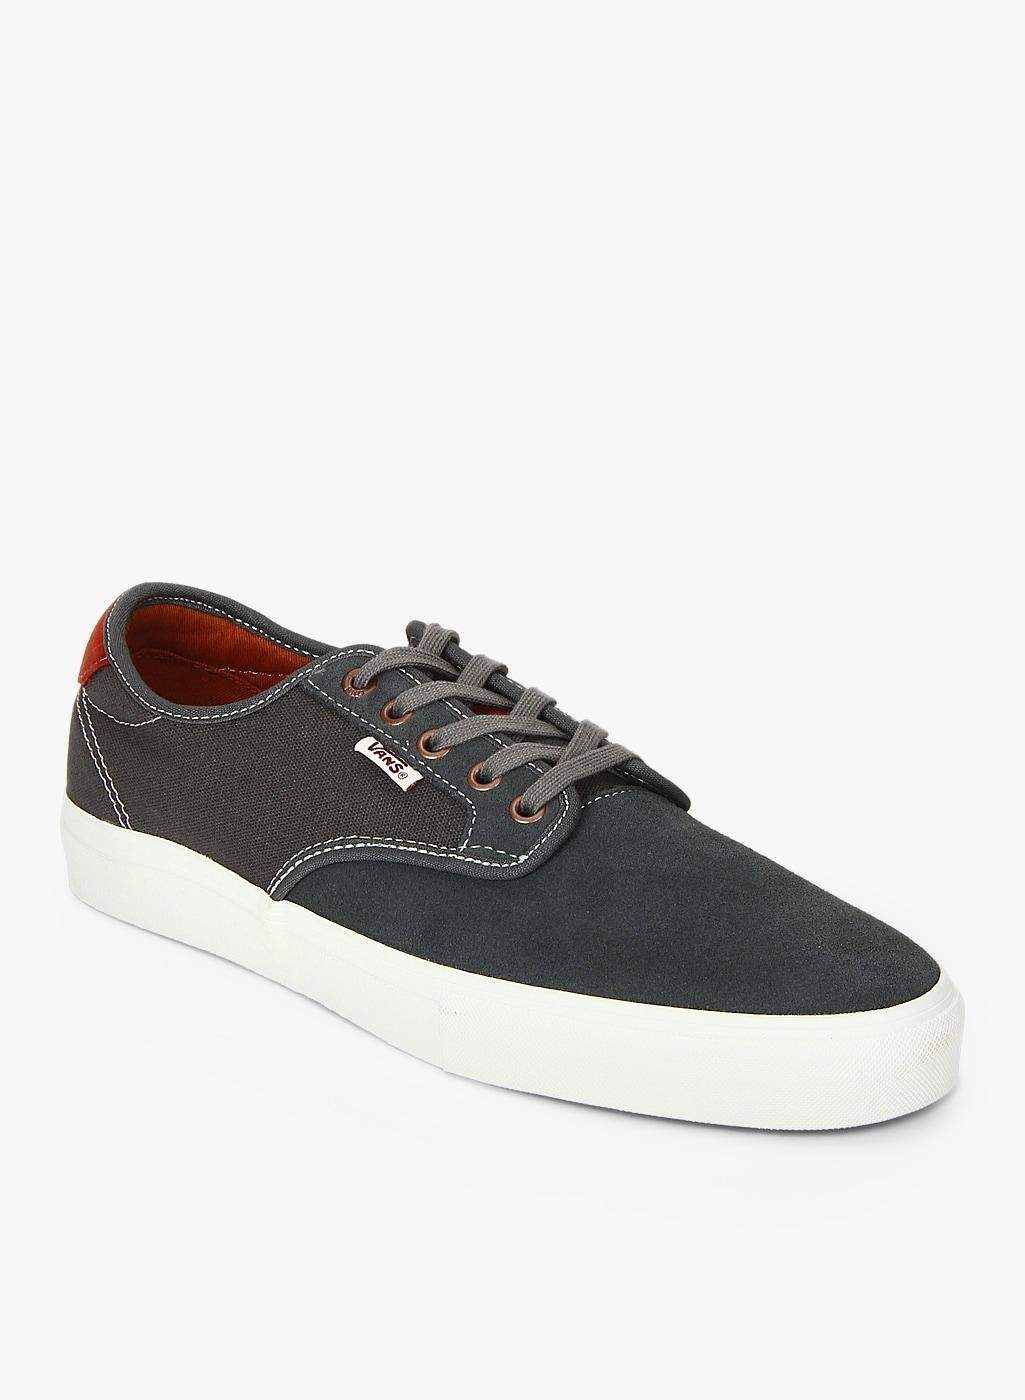 c467462a94f8c9 Vans - Buy Vans Footwear